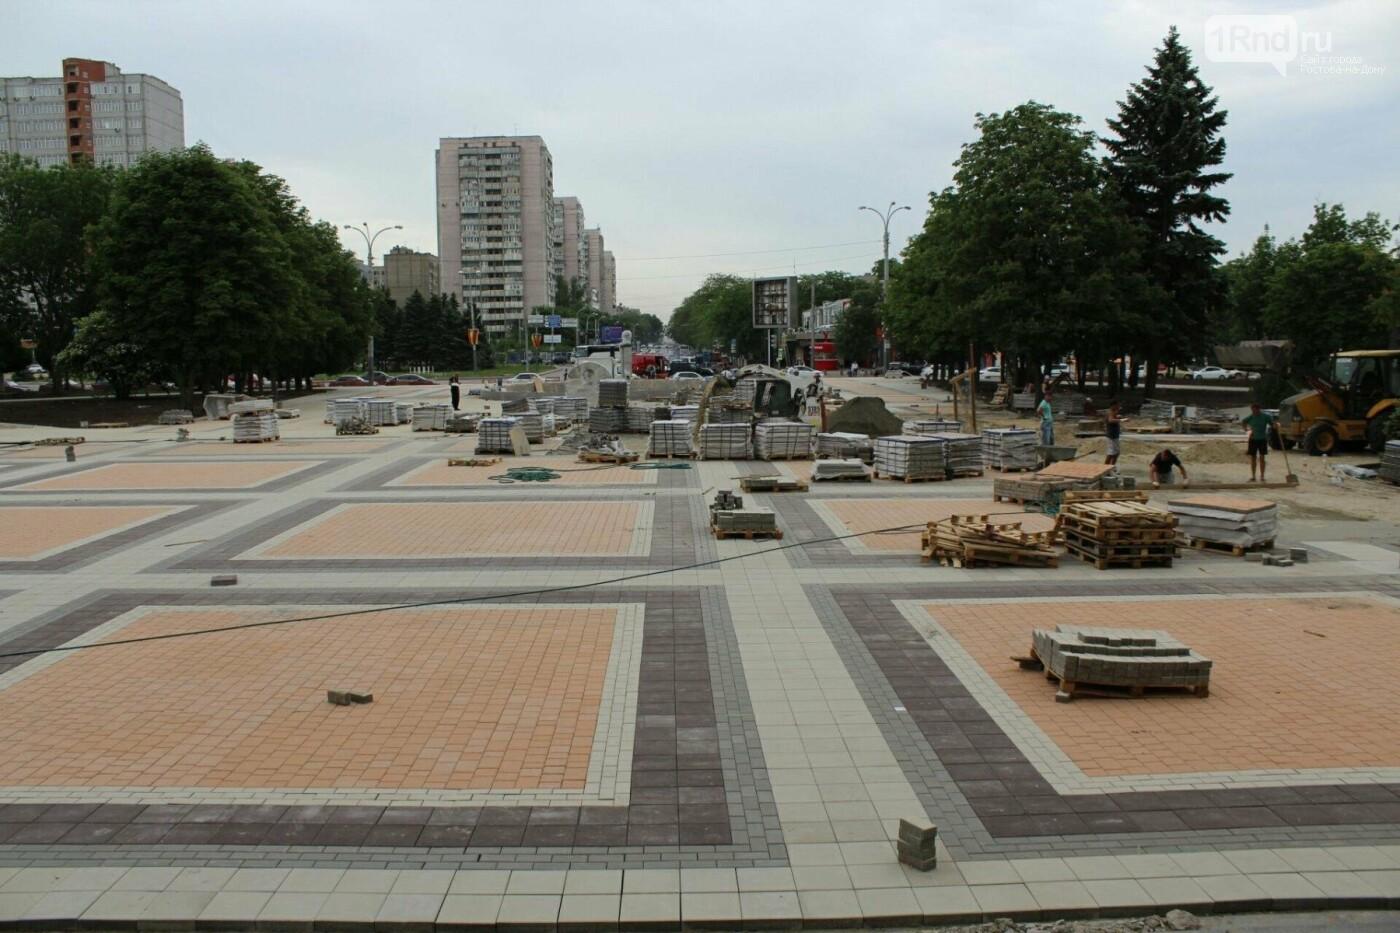 Площадь Гагарина - Фото: Саша Савичева / 1rnd.ru